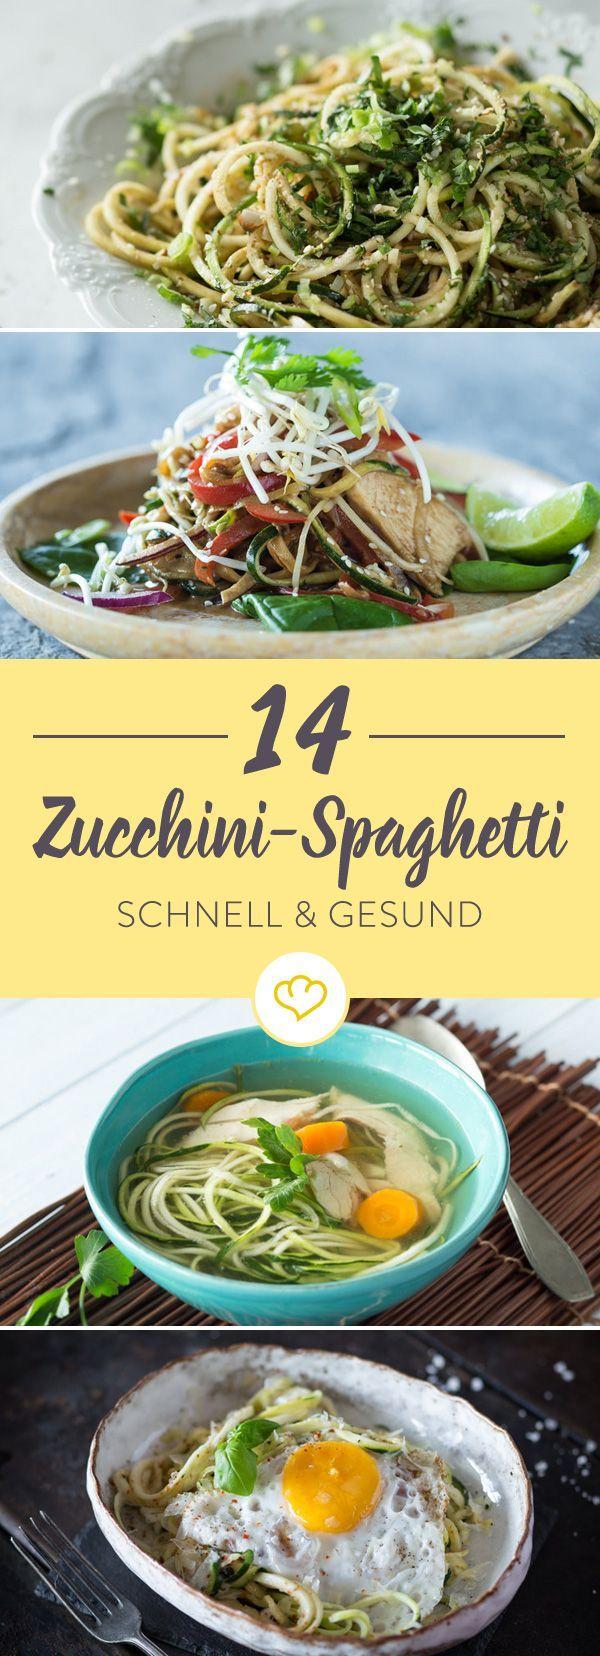 14 schnelle und gesunde Zucchini-Spaghetti-Rezepte   - Hauptgerichte -